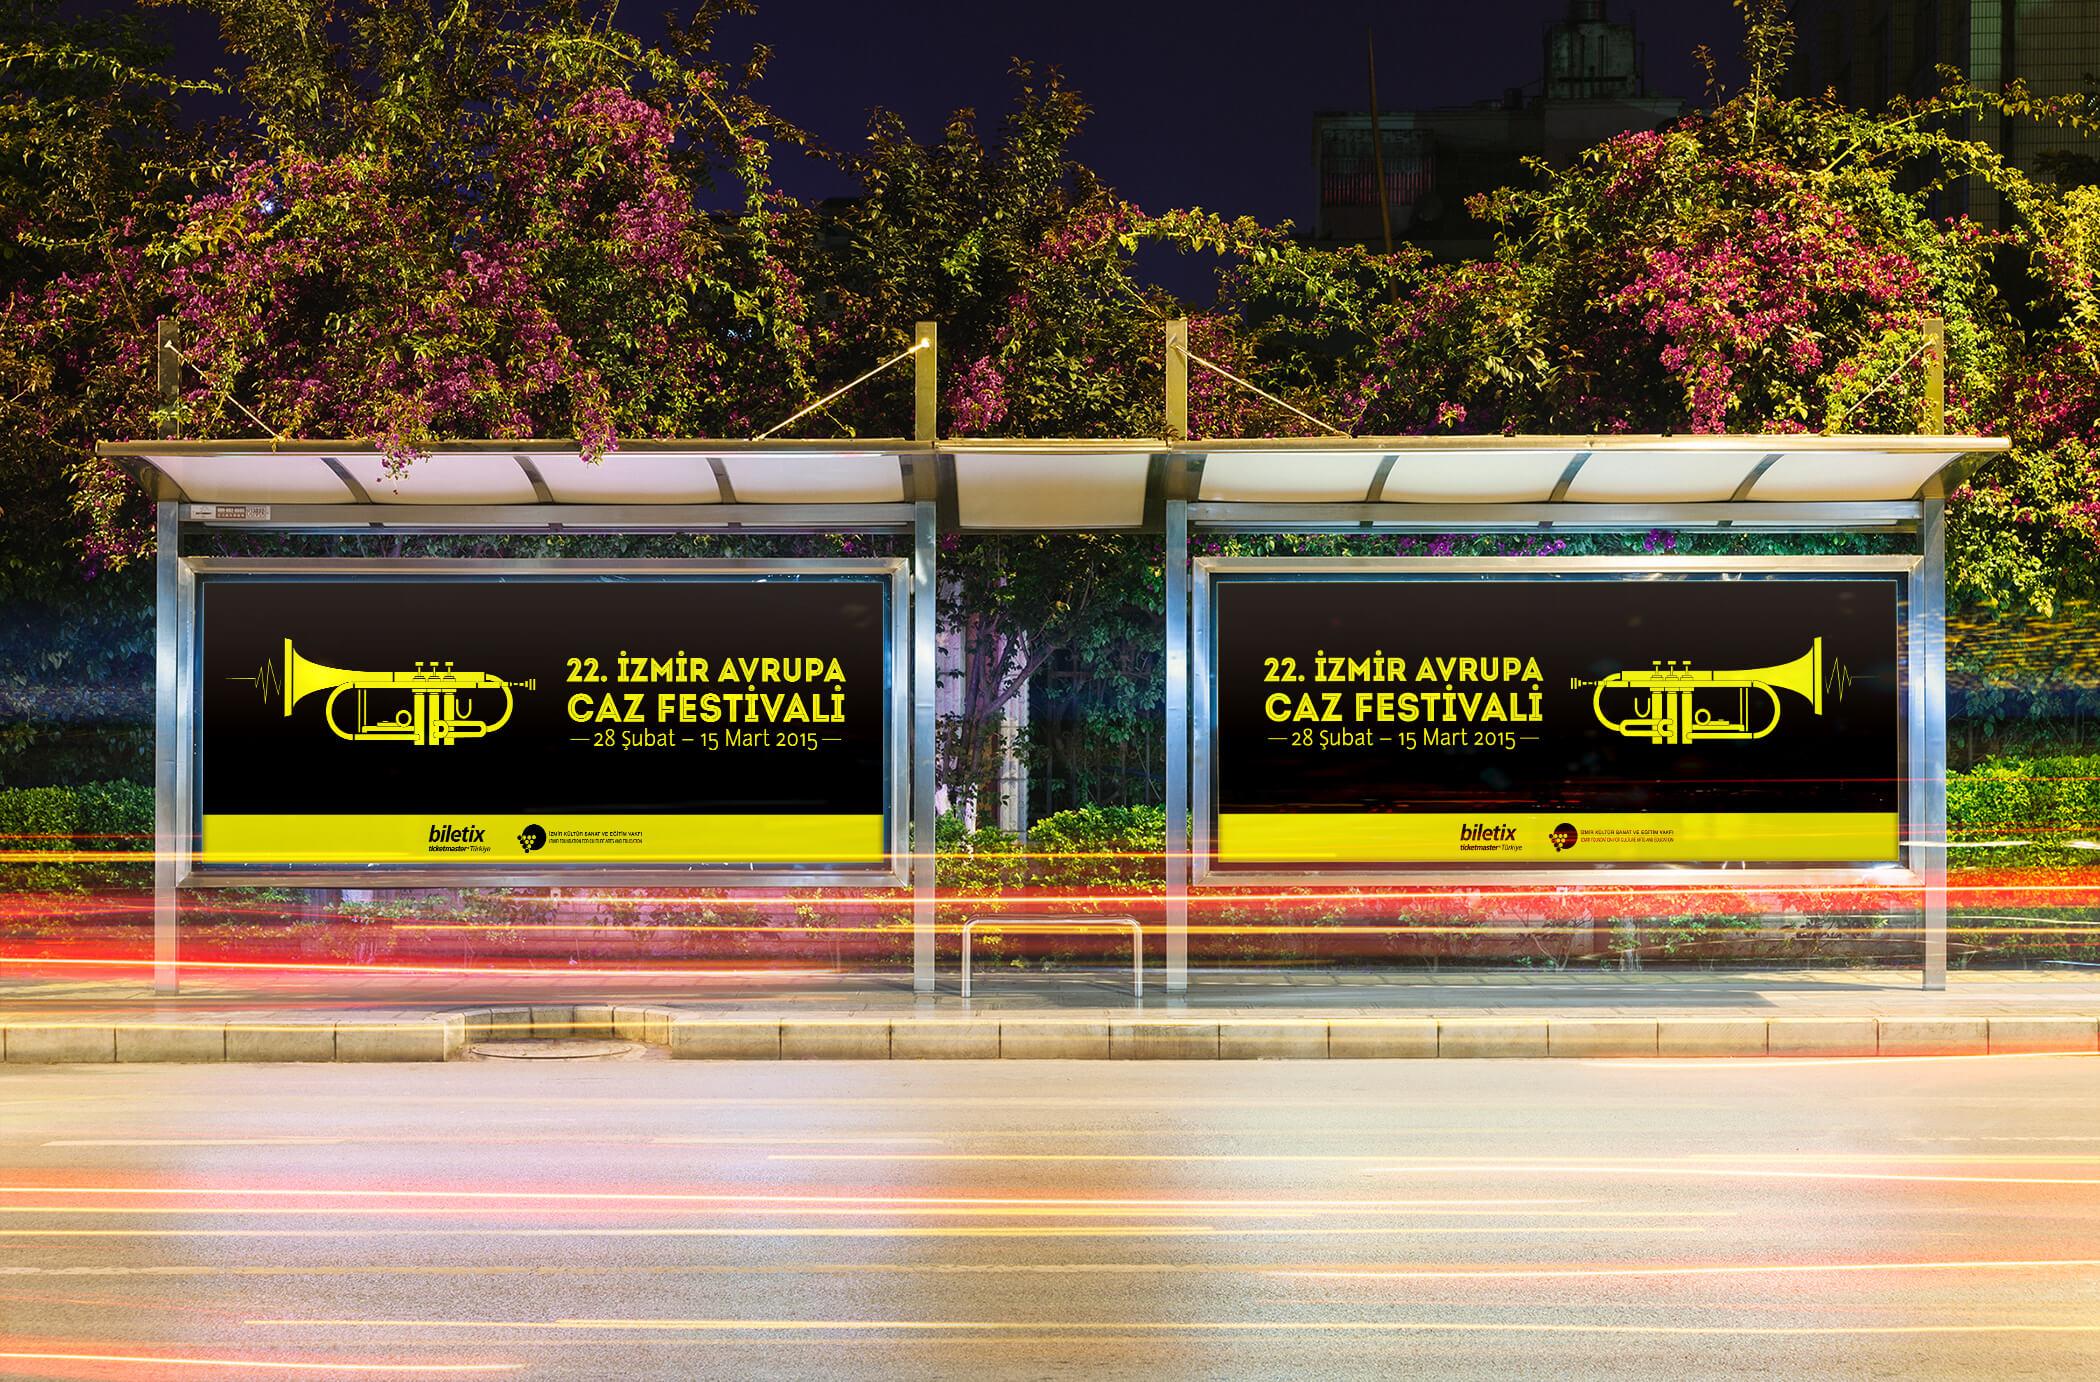 billboard02